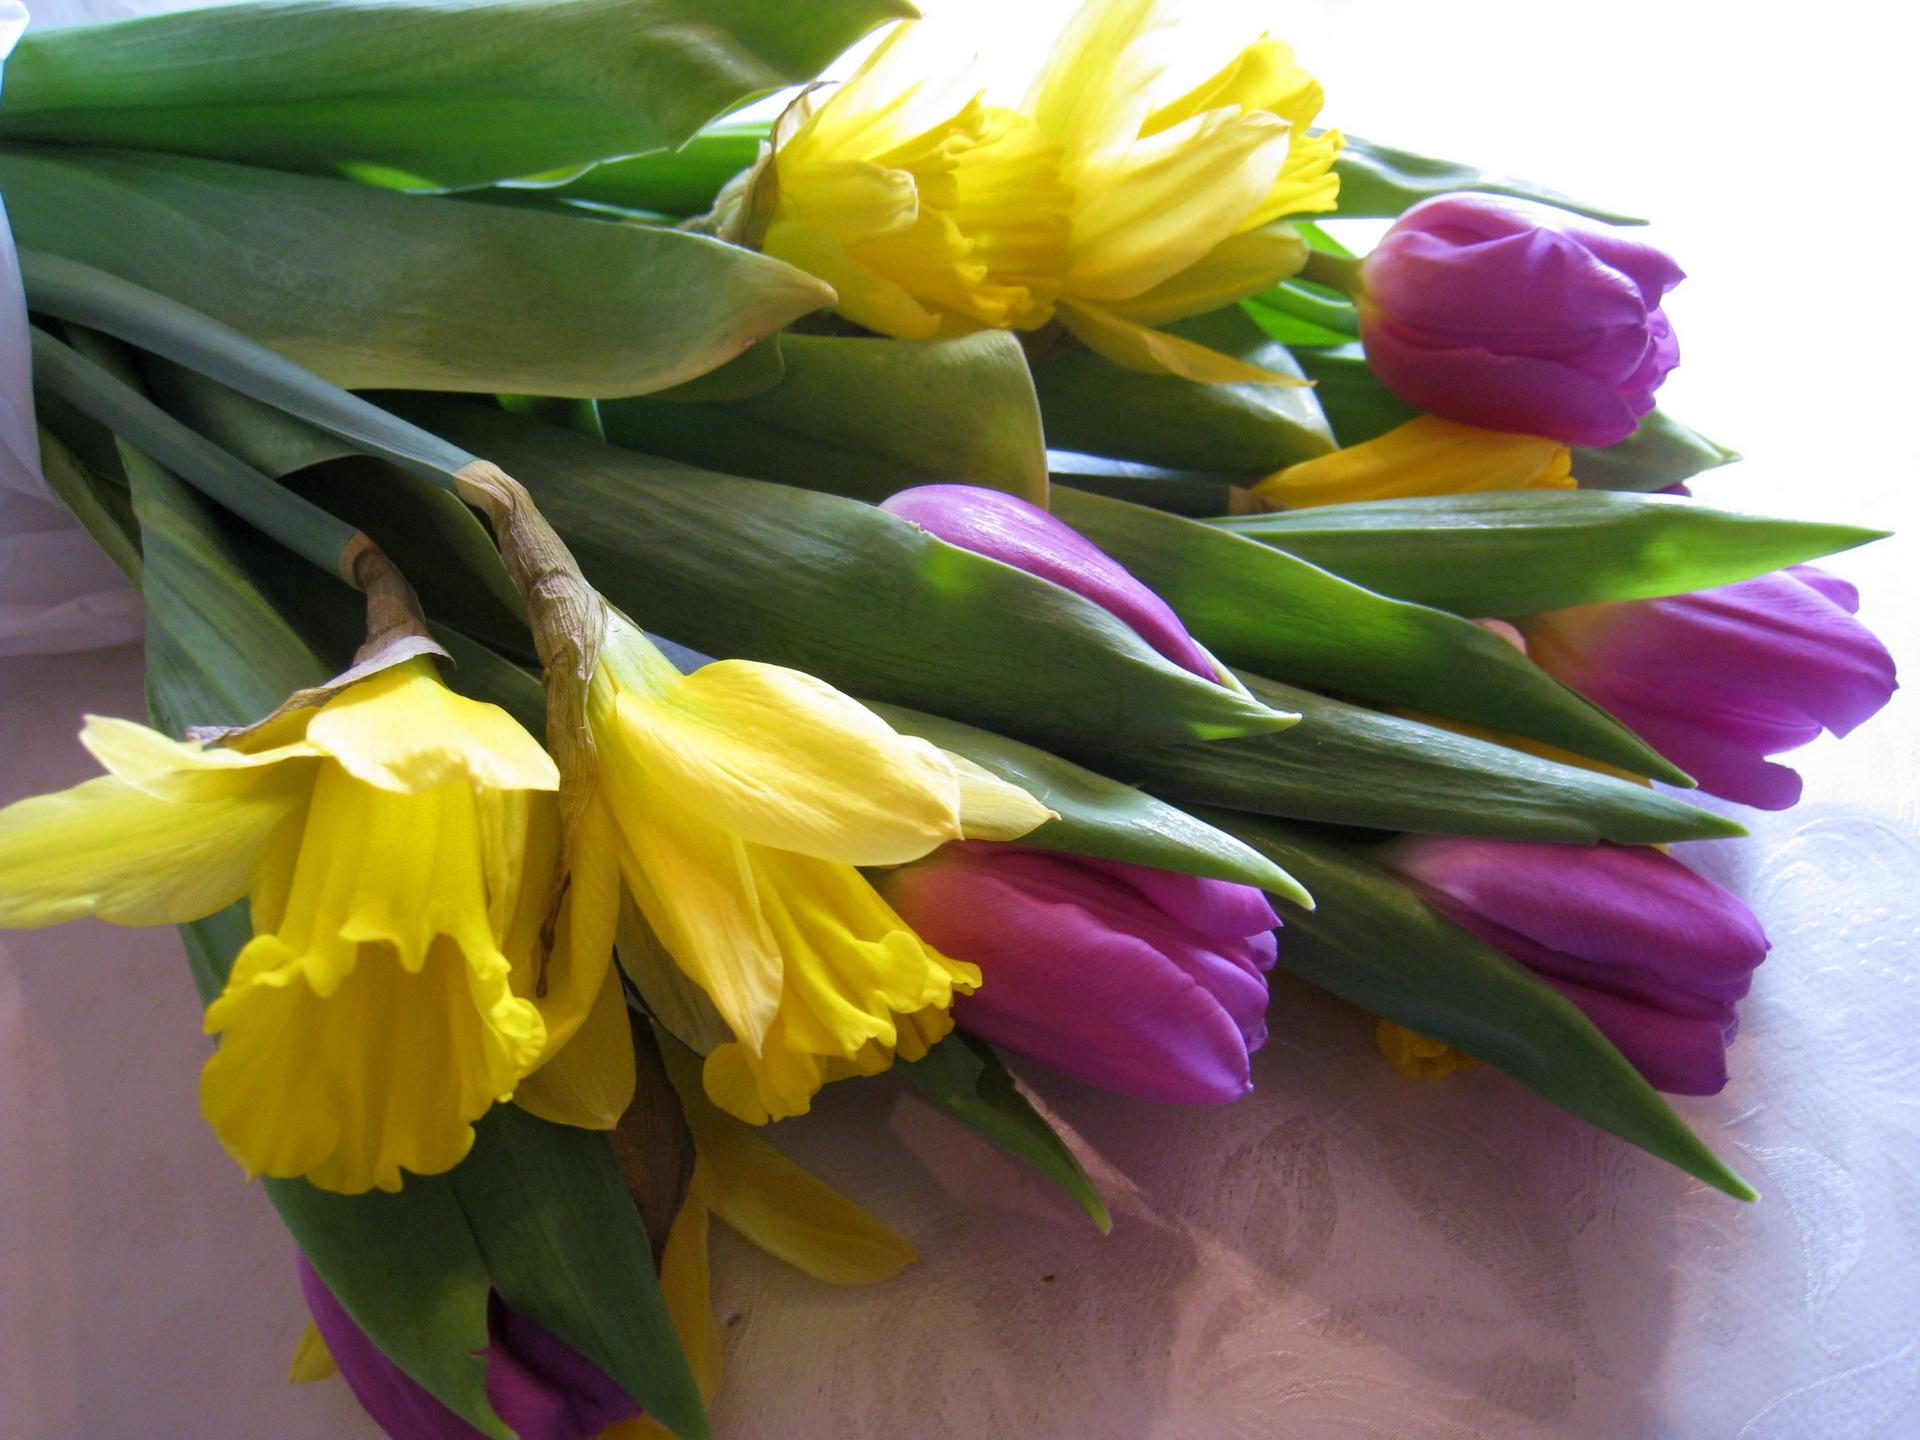 115852 Заставки и Обои Нарциссы на телефон. Скачать Цветы, Тюльпаны, Нарциссы, Букет, Скатерть картинки бесплатно